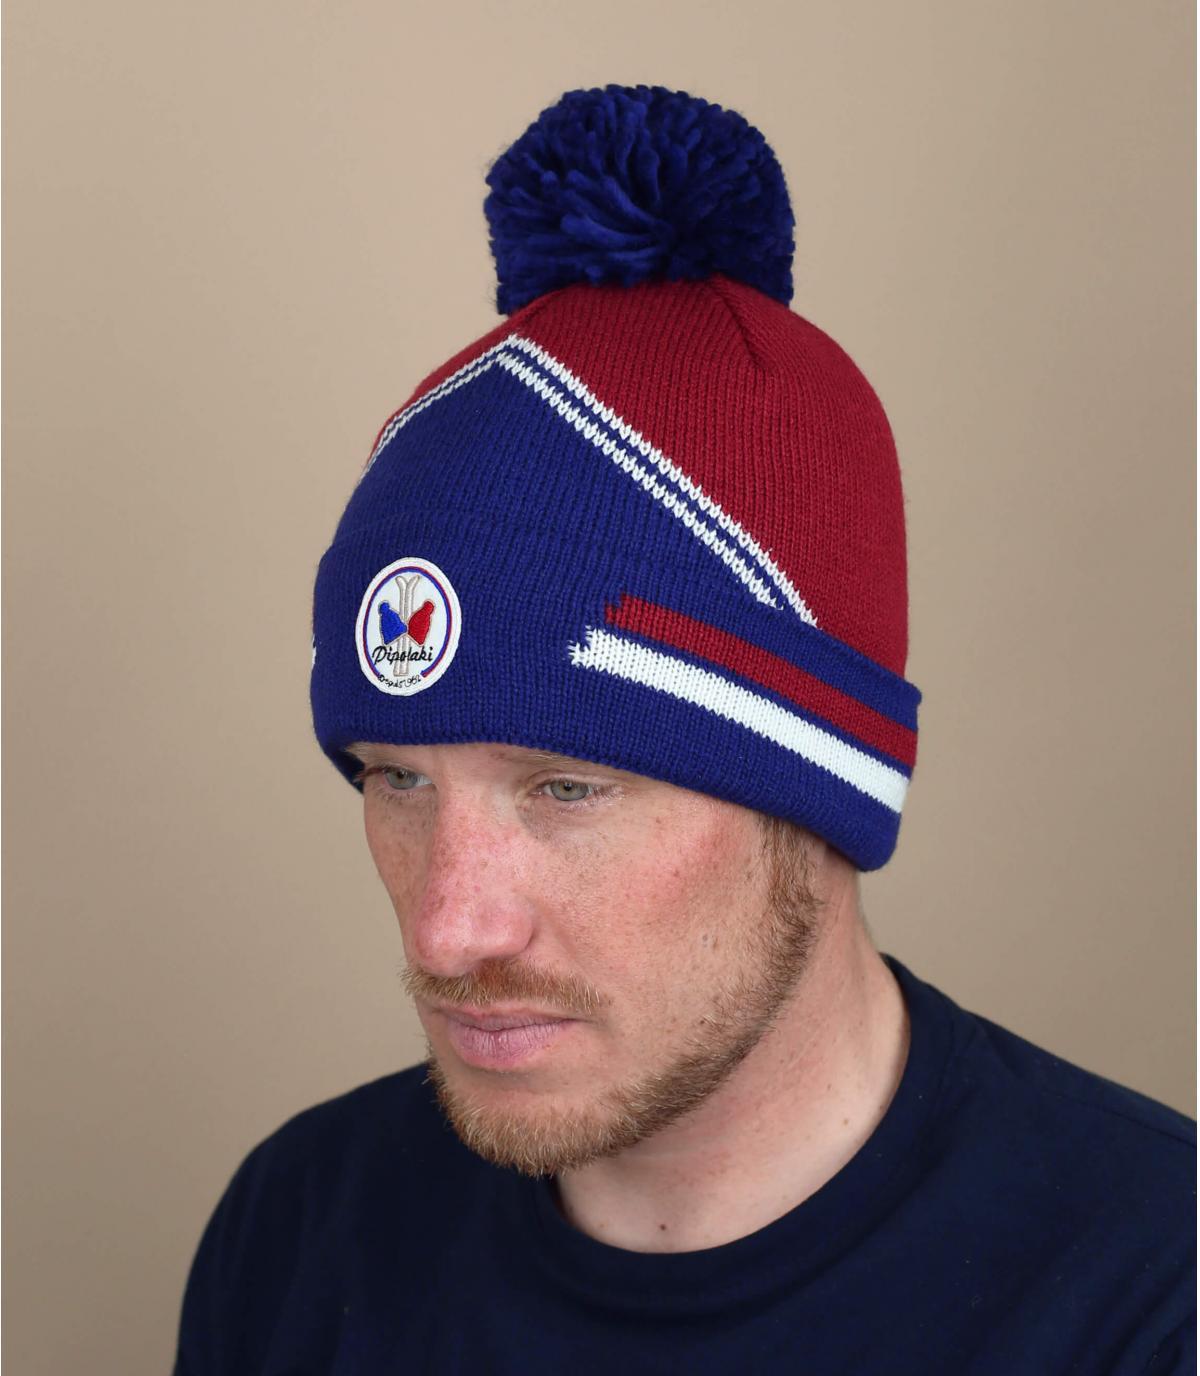 bordeaux blauwe ski-hoed